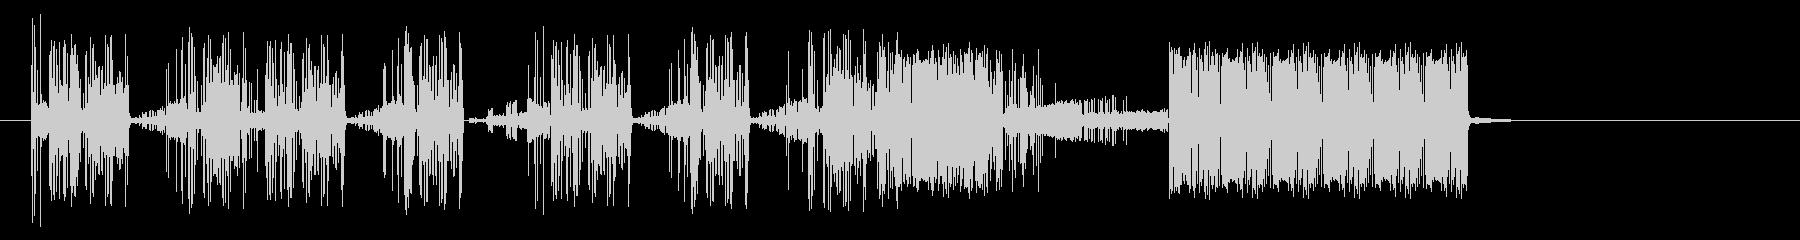 奇数Staticvoxスワイプ1の未再生の波形